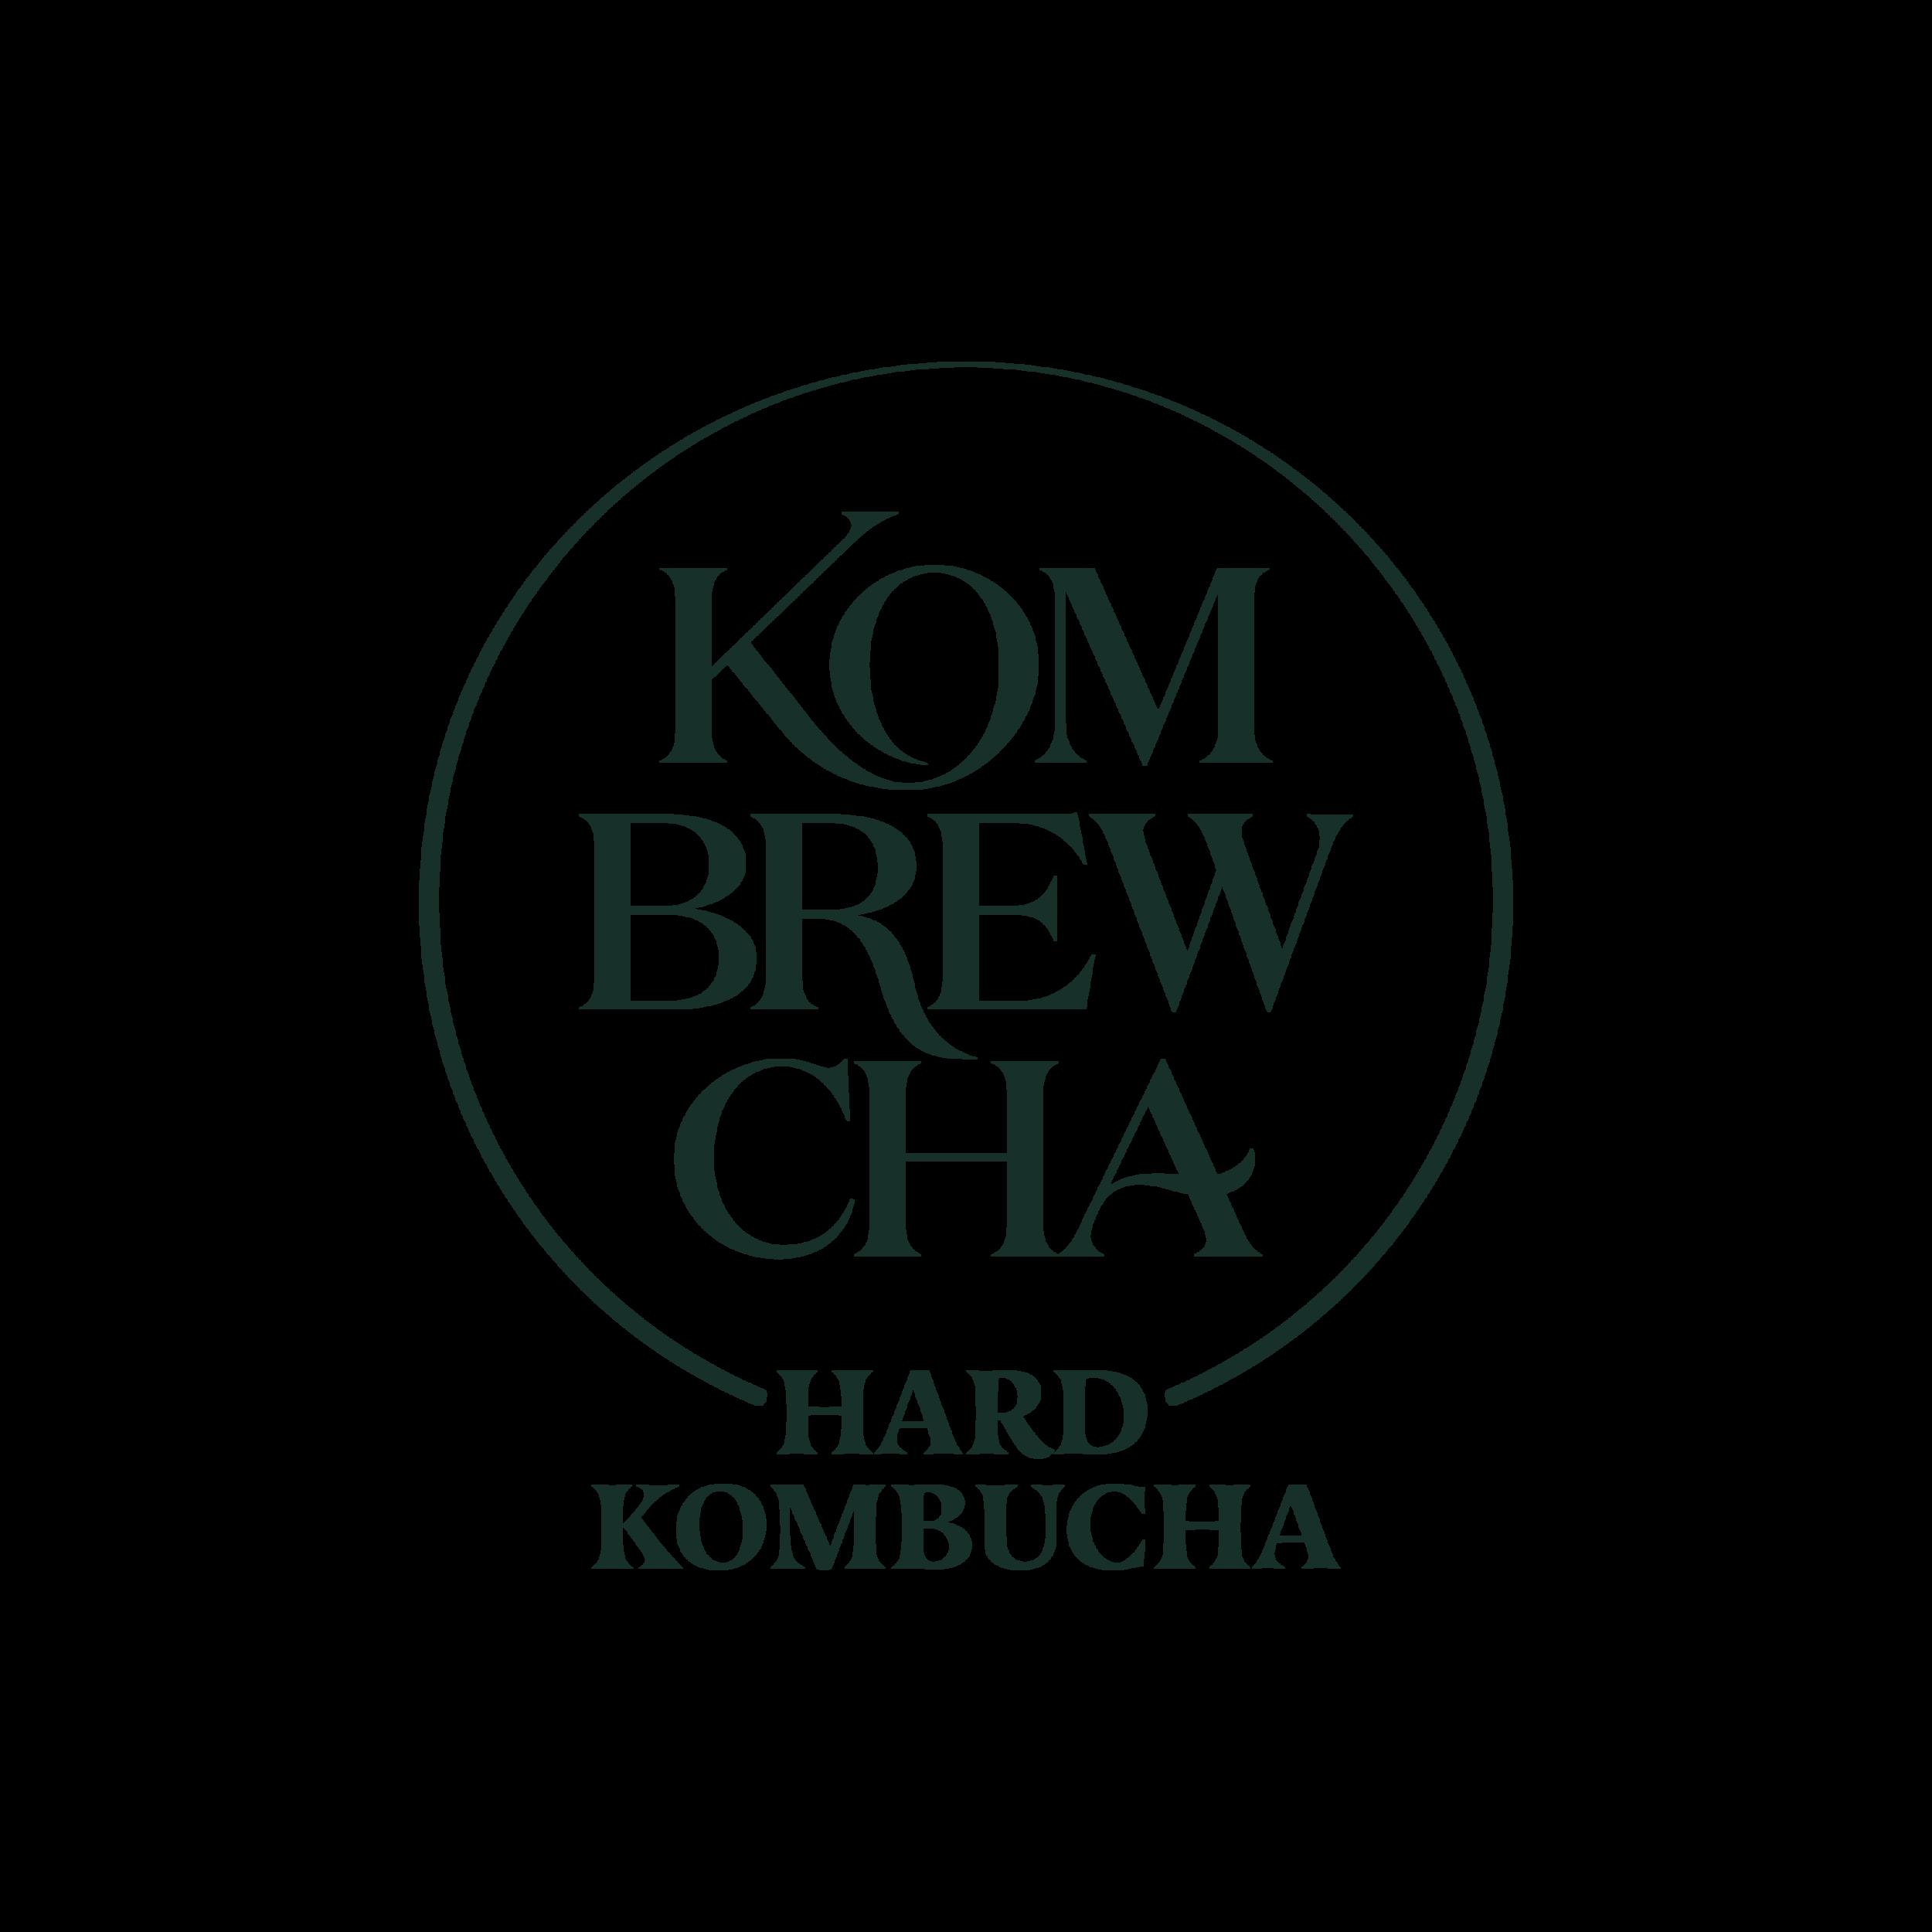 KOMBREWCHA_FULL_LOCKUP_HQ (1).png